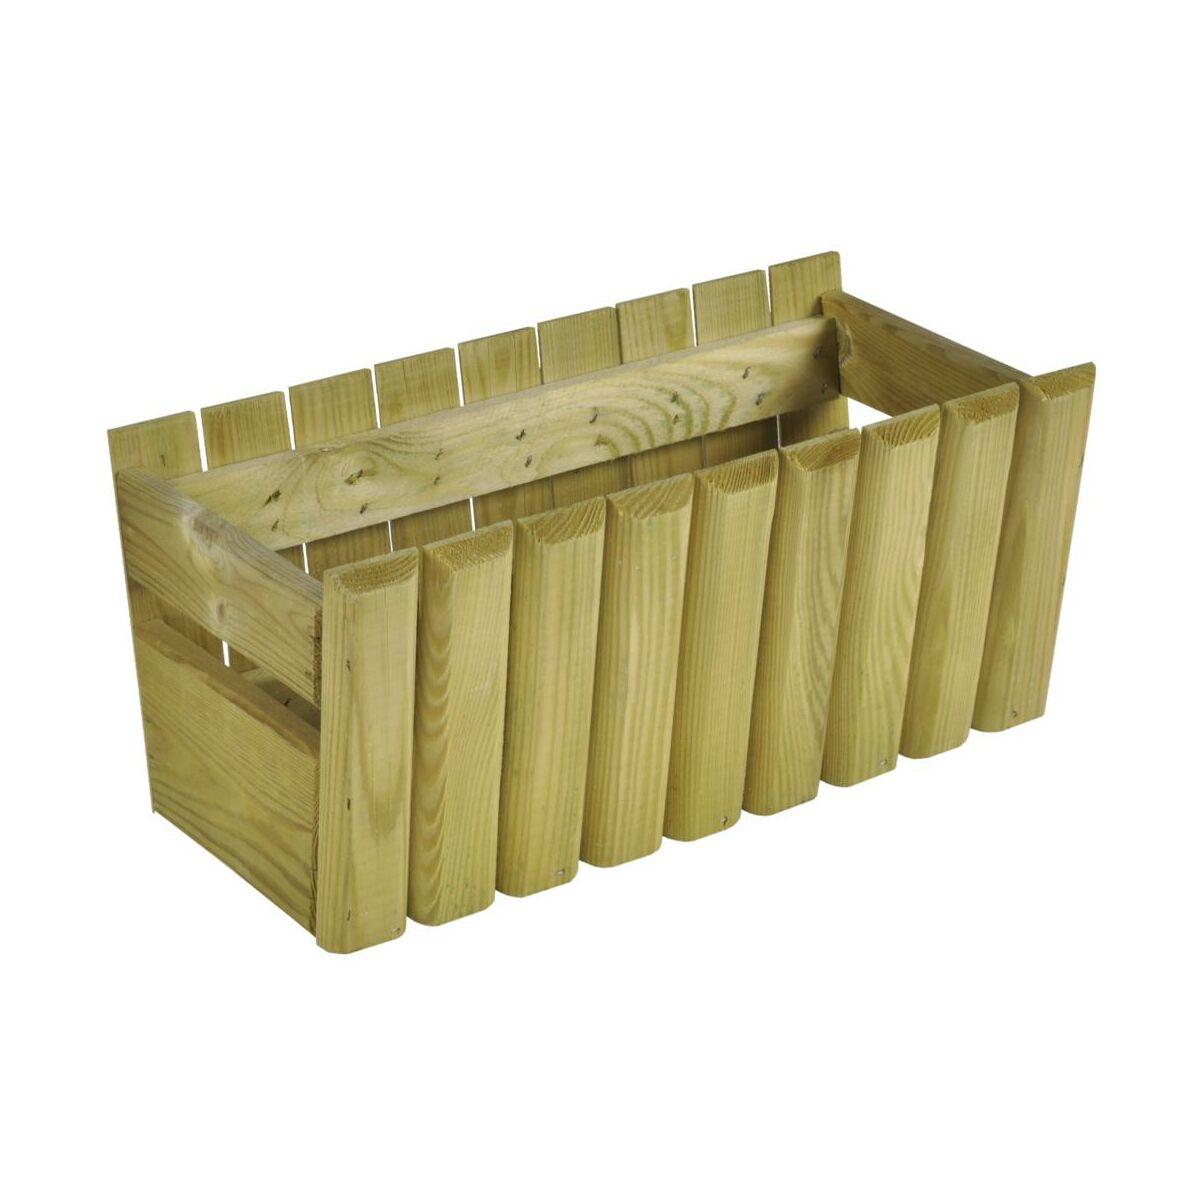 Donica / skrzynka balkonowa 40 x 20 cm drewniana STOKROTKA SOBEX